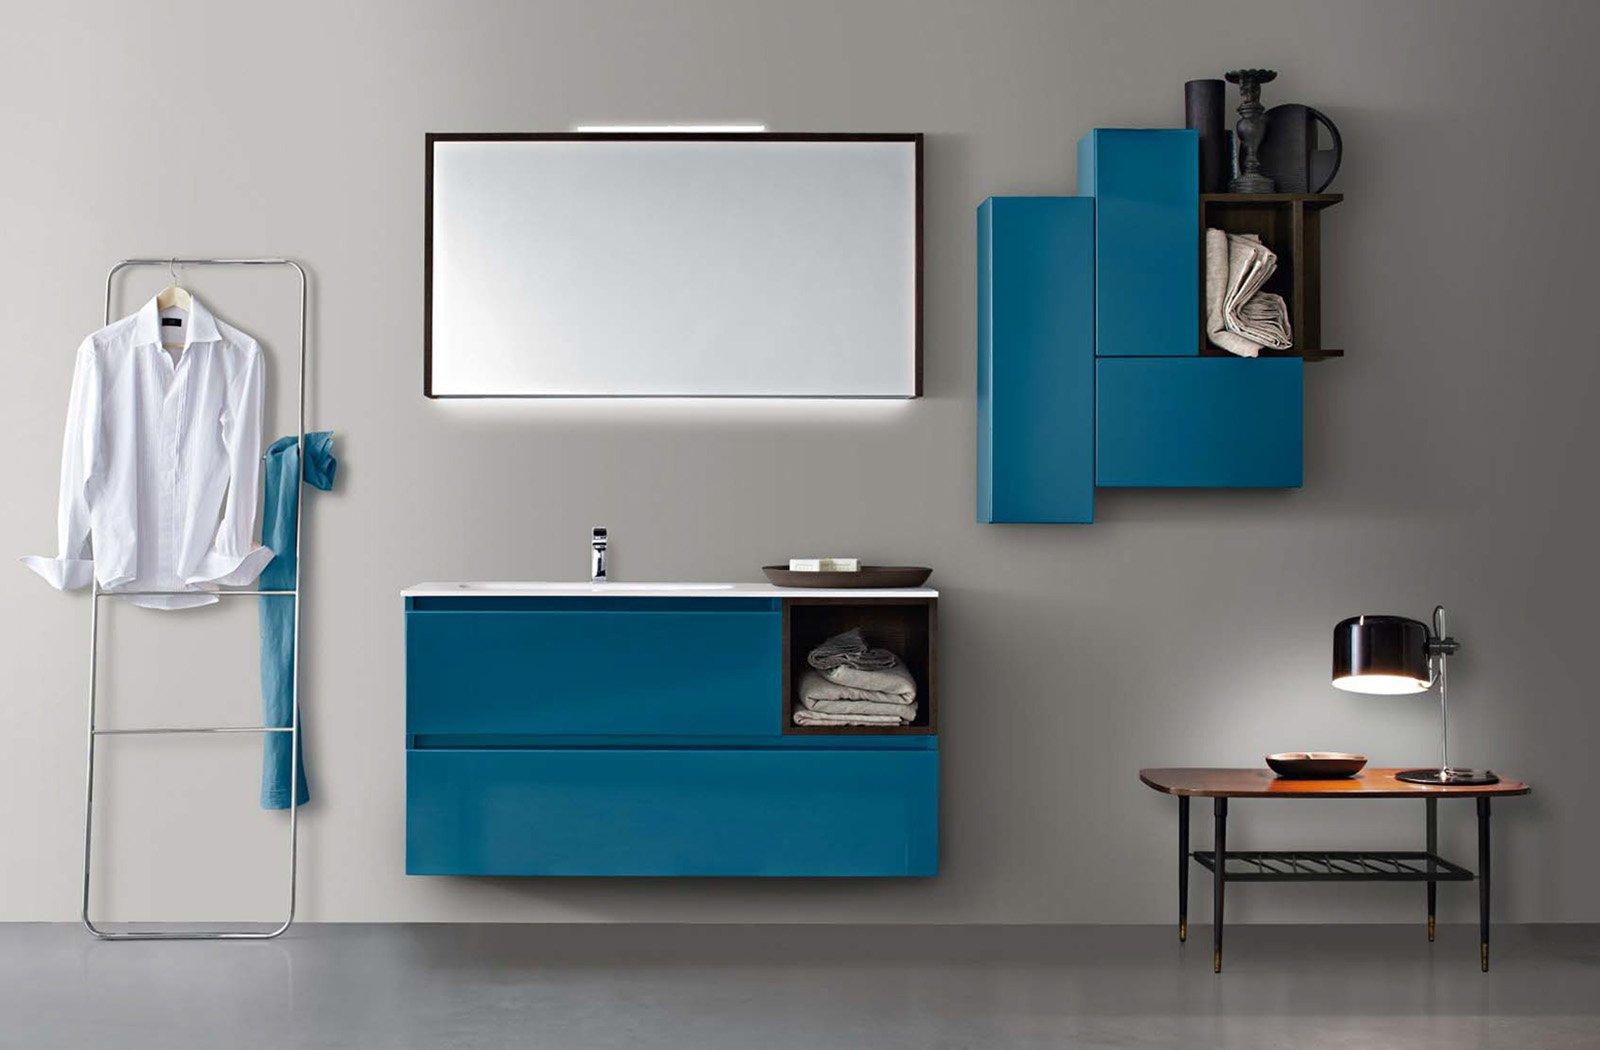 Joy of life by cerasa per arredare il bagno con funzionalità e